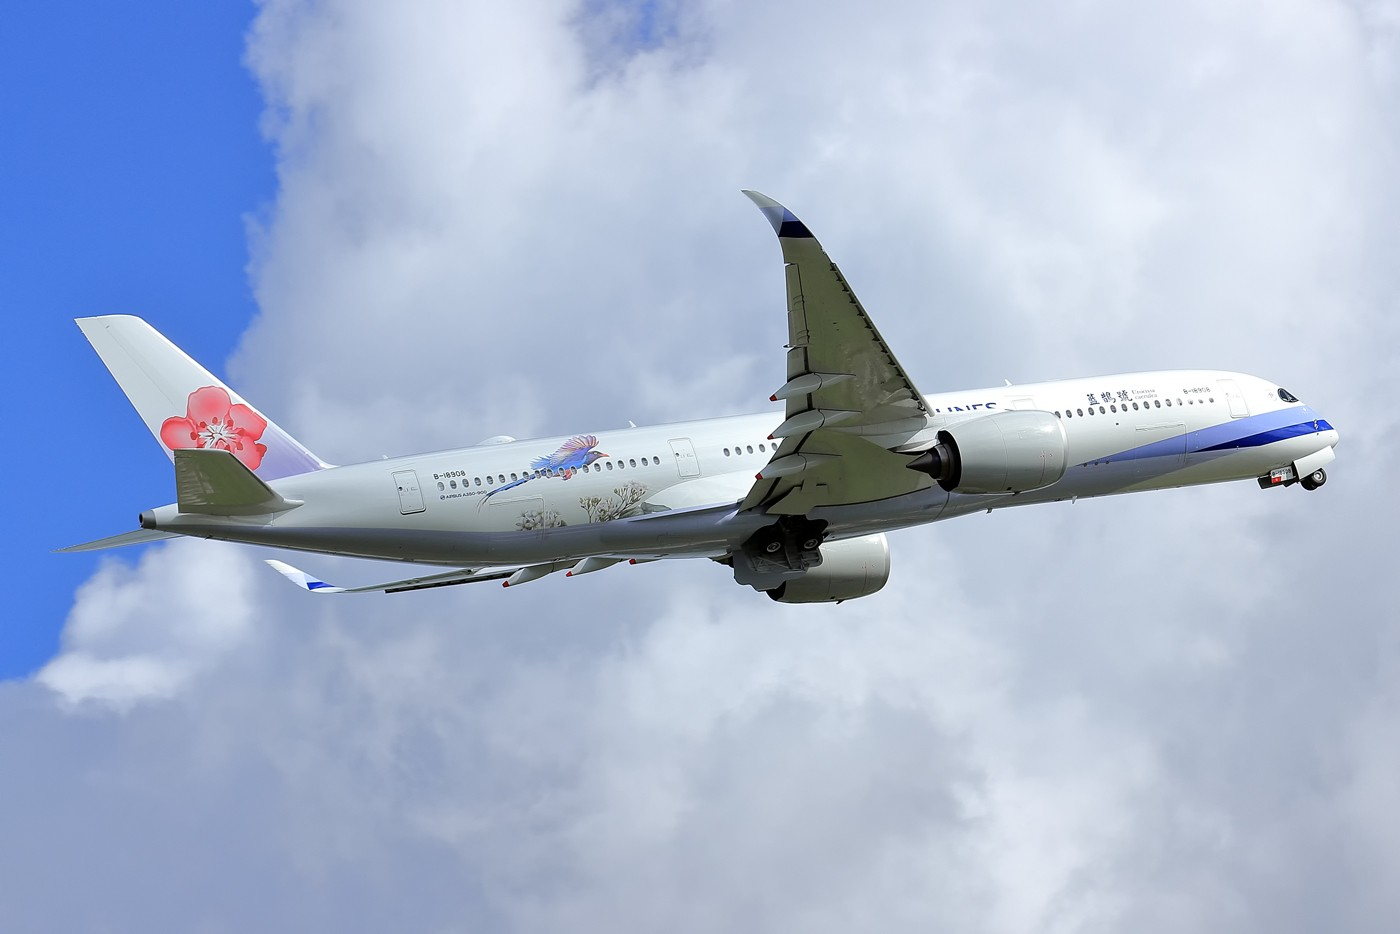 """Re:[原创]【AMS】【论坛首发】华航最新彩绘""""蓝鹊号""""A350-900,即空客第100架A359 AIRBUS A350-941 B-18908 荷兰阿姆斯特丹史基浦机场"""